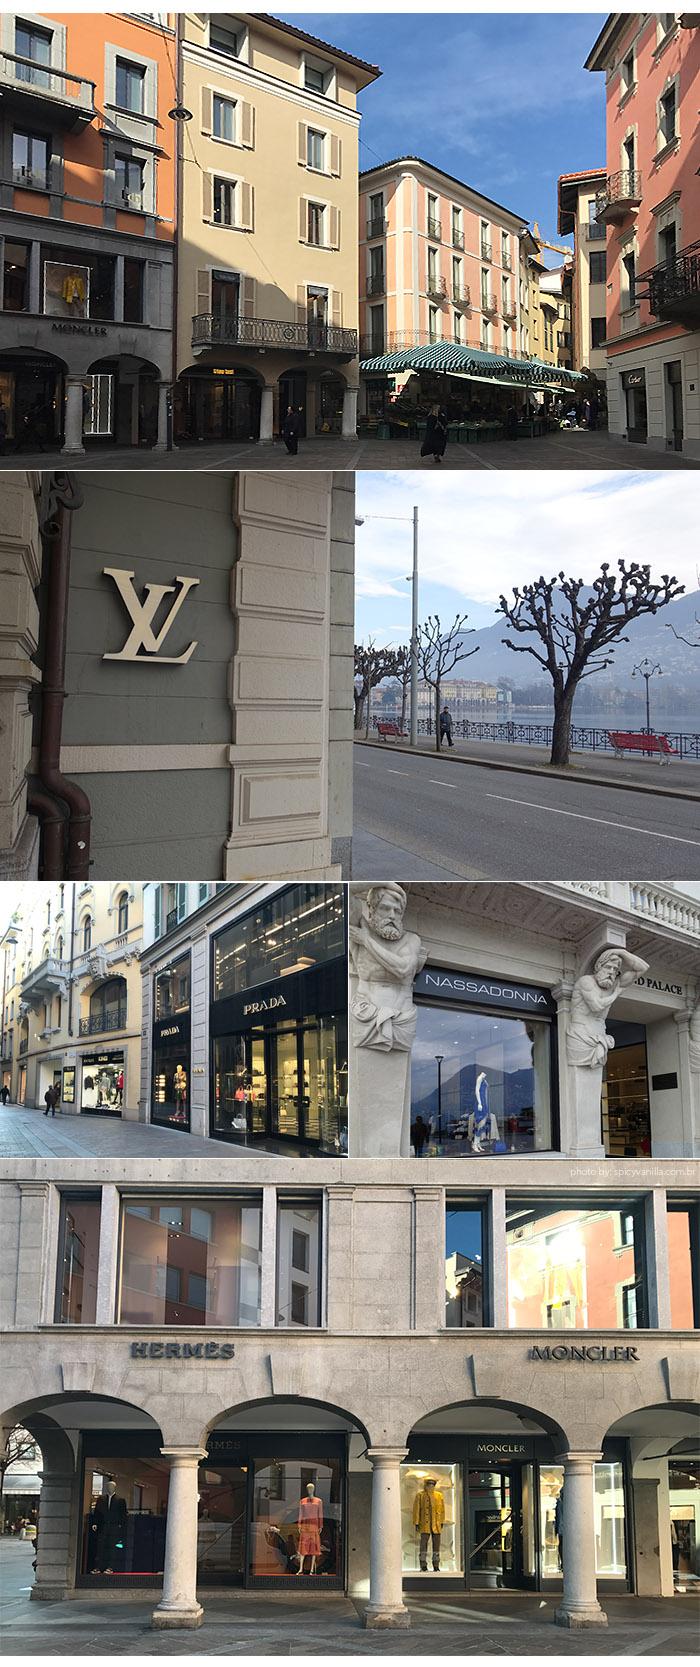 lojas via nassa lugano - Lugano | Onde ficar e o que fazer na cidade